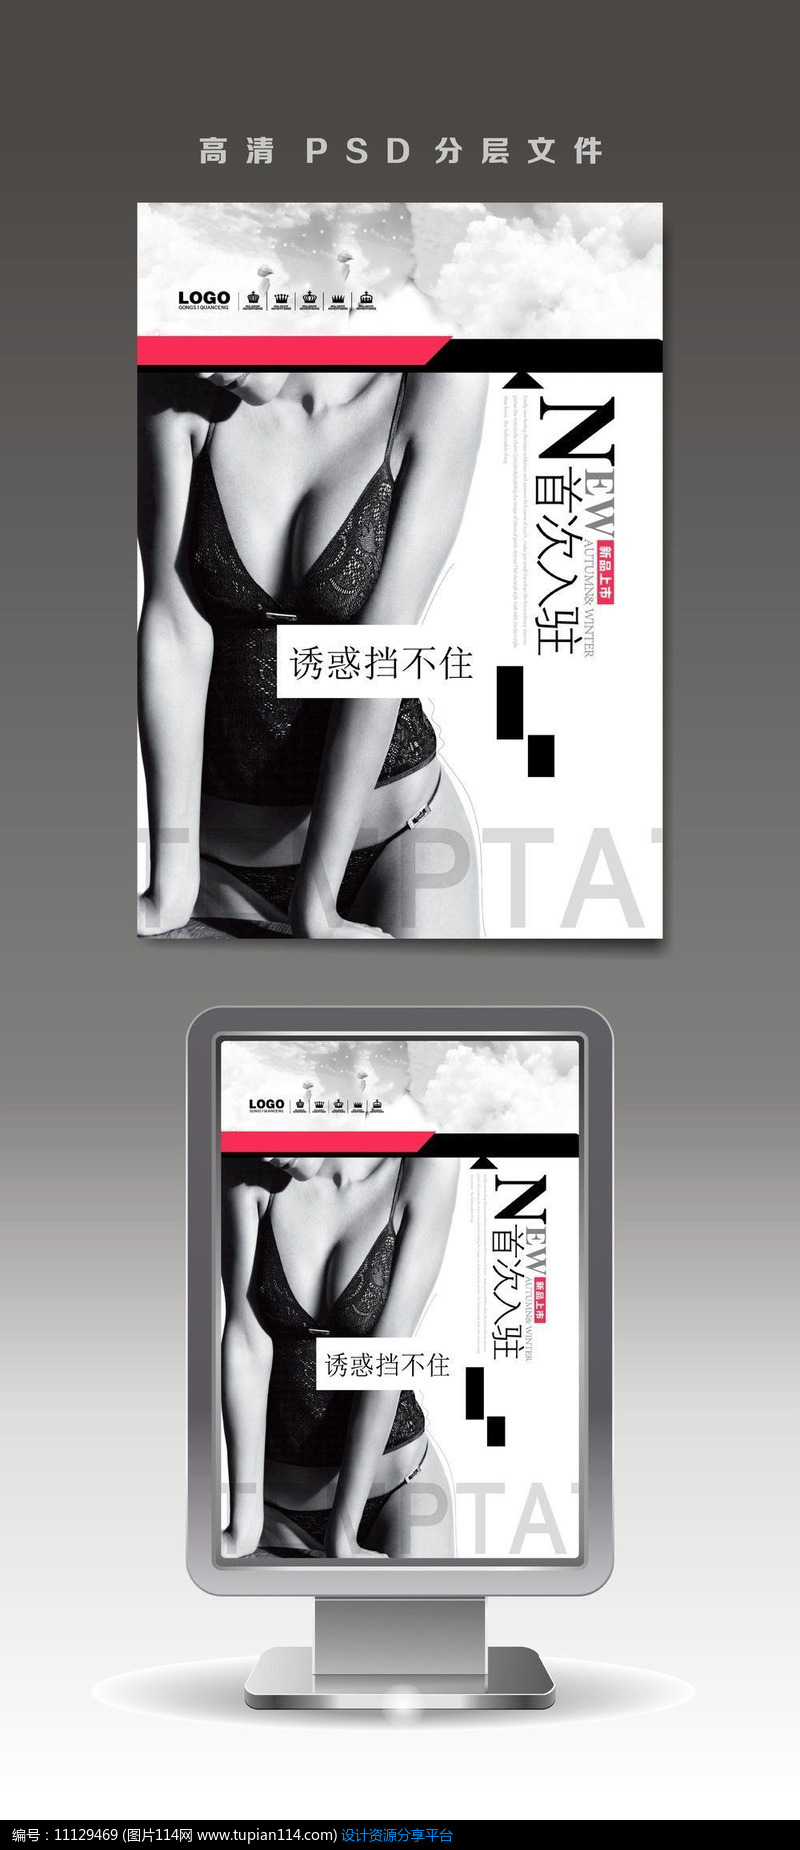 性感海报情趣内衣海报设计素材免费下载_美女情趣内衣照片内裤黑白图片